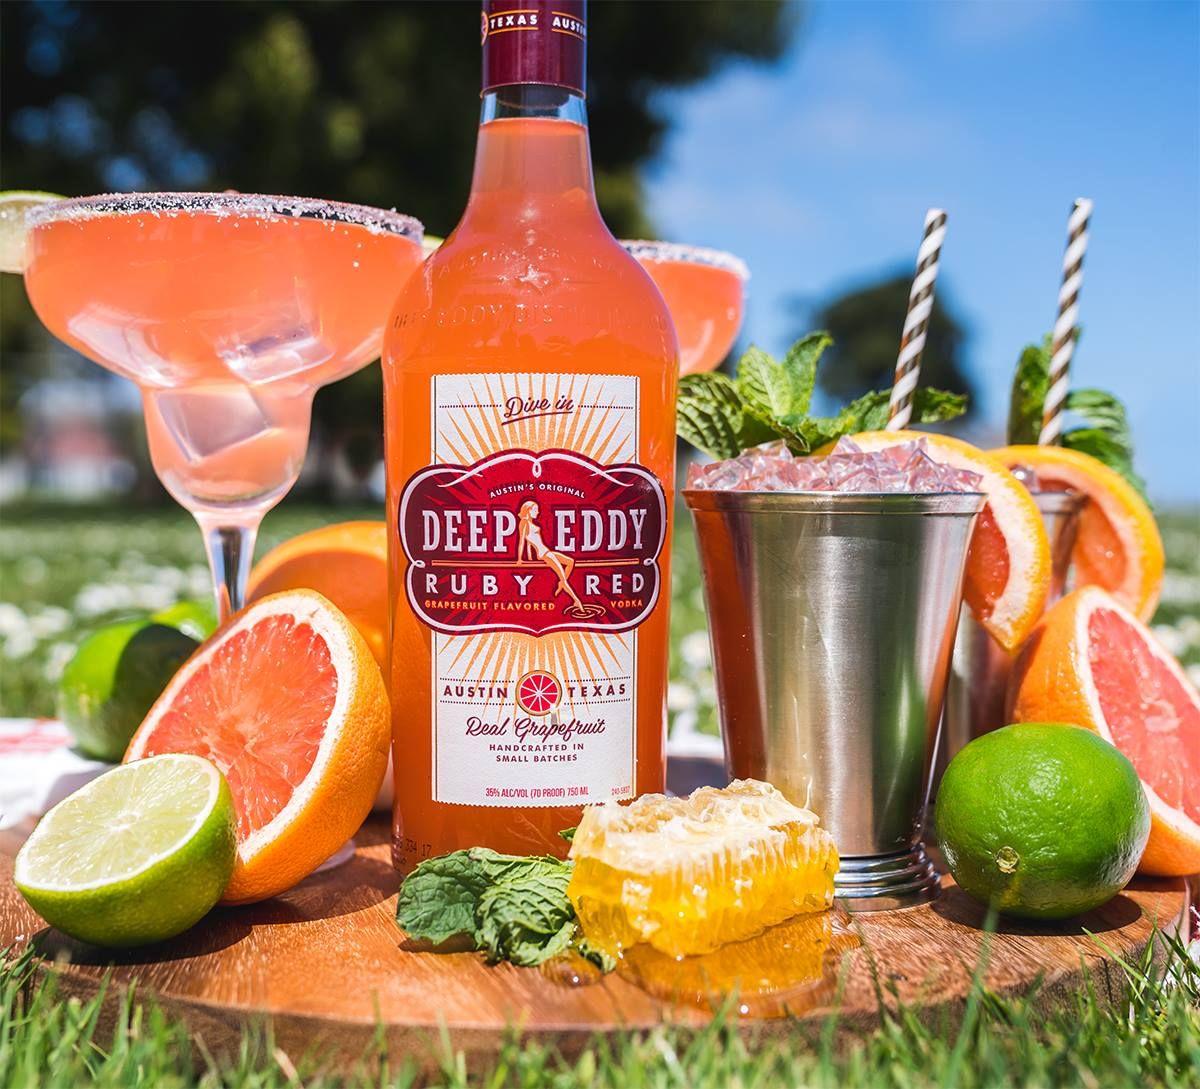 Ruby Red Margarita 1 Oz. Deep Eddy Ruby Red Vodka 1 Oz